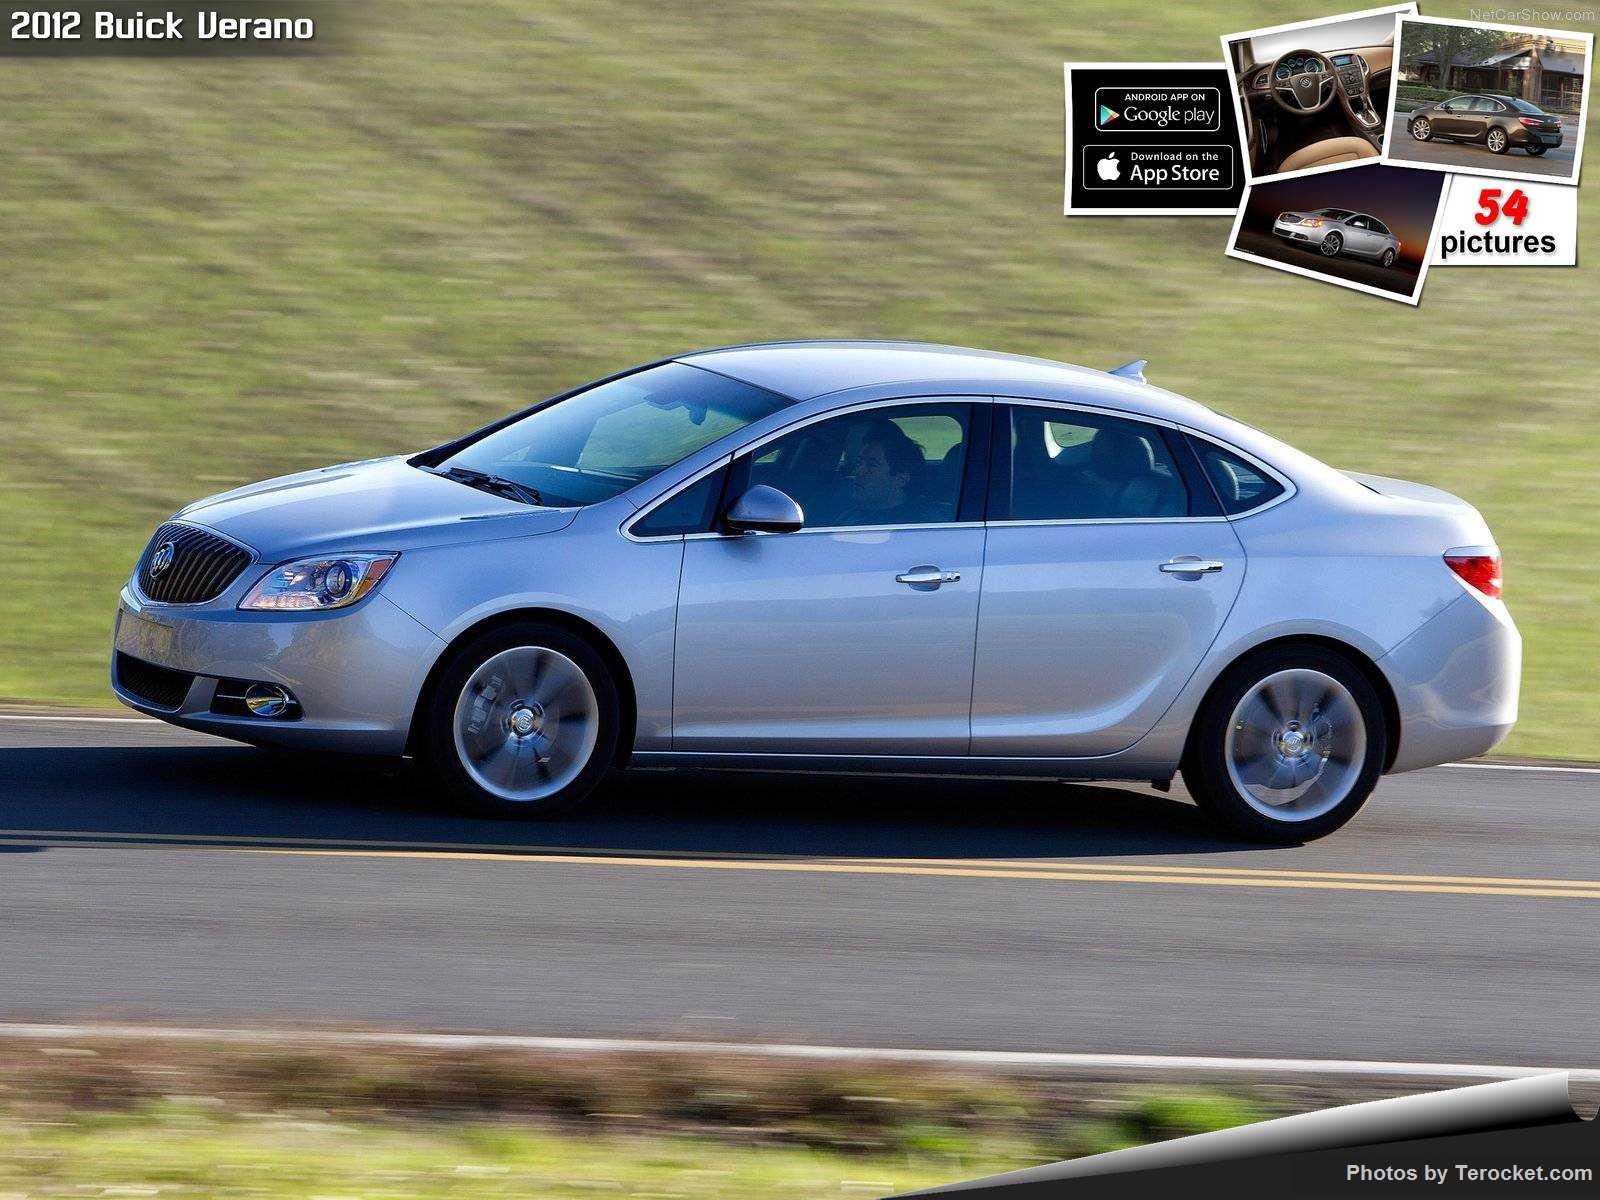 Hình ảnh xe ô tô Buick Verano 2012 & nội ngoại thất